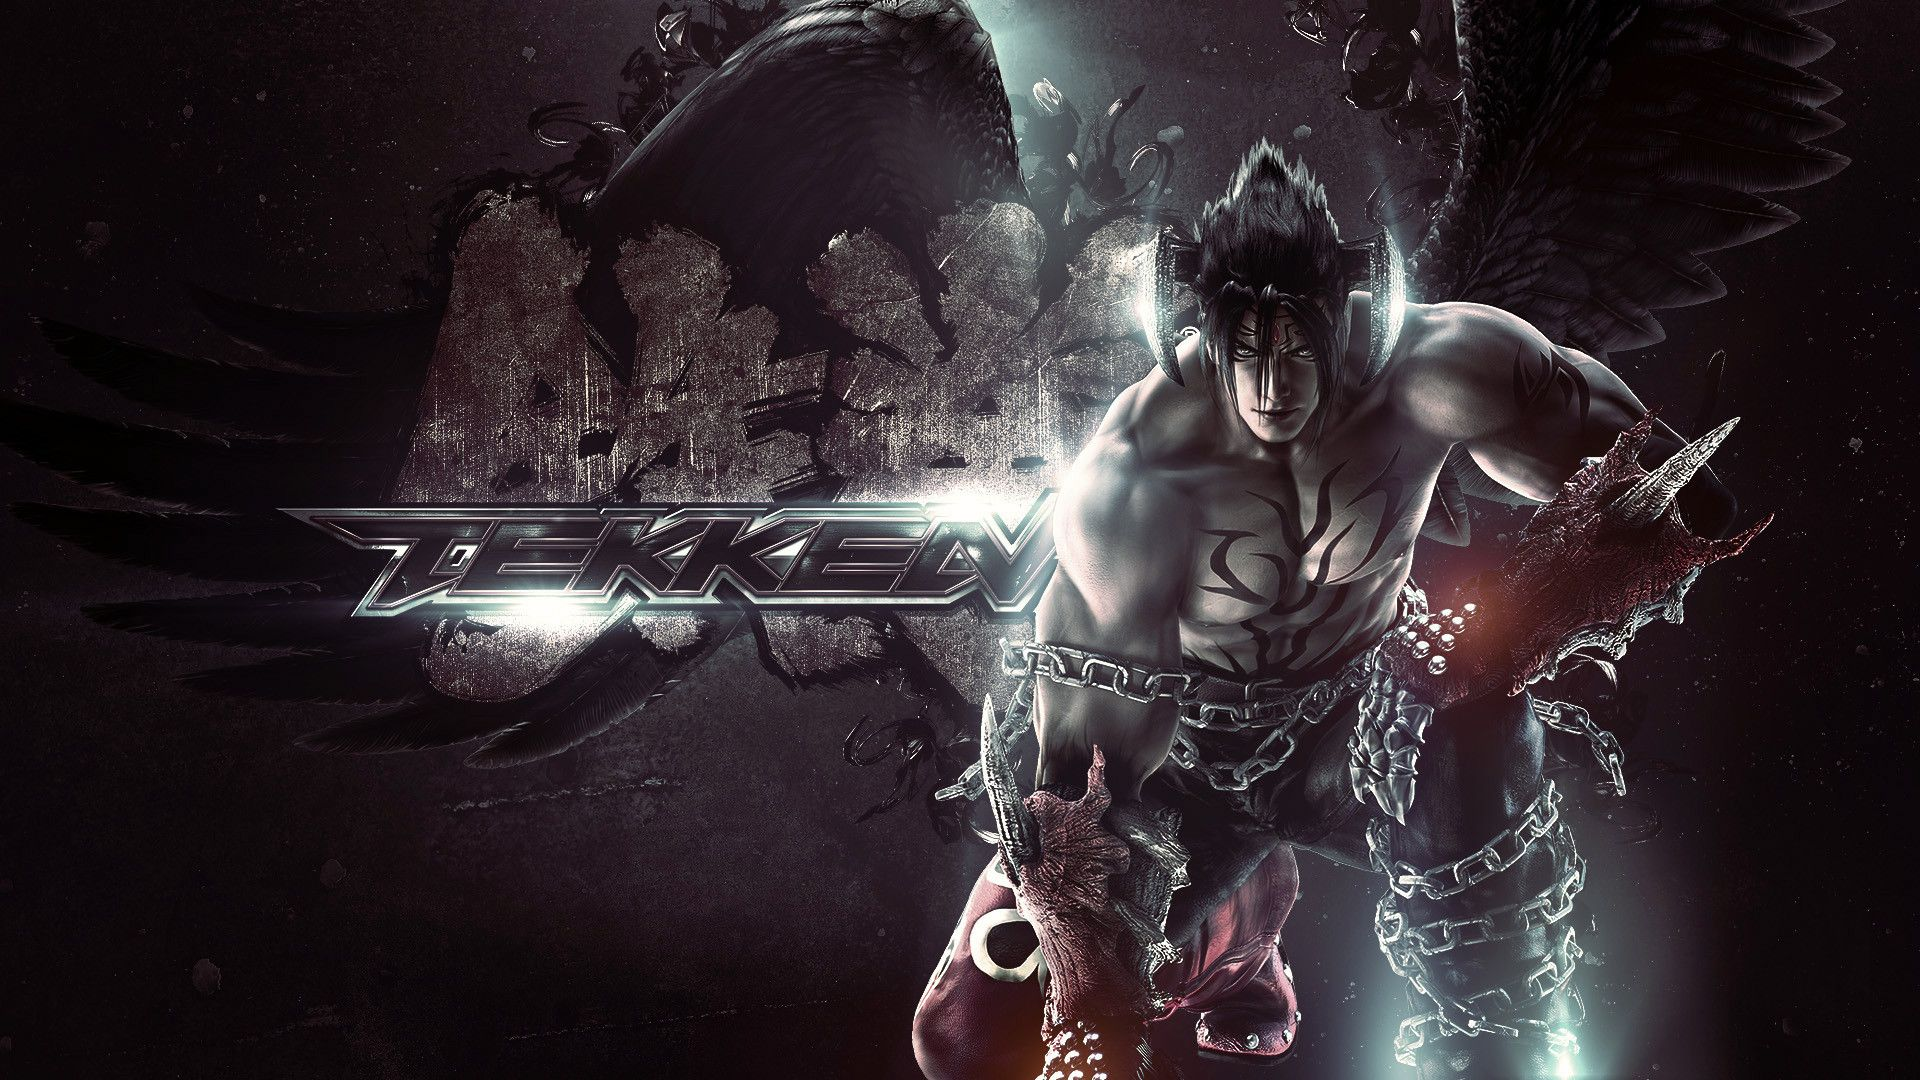 Tekken 6 Devil Jin wallpaper 1920x1080